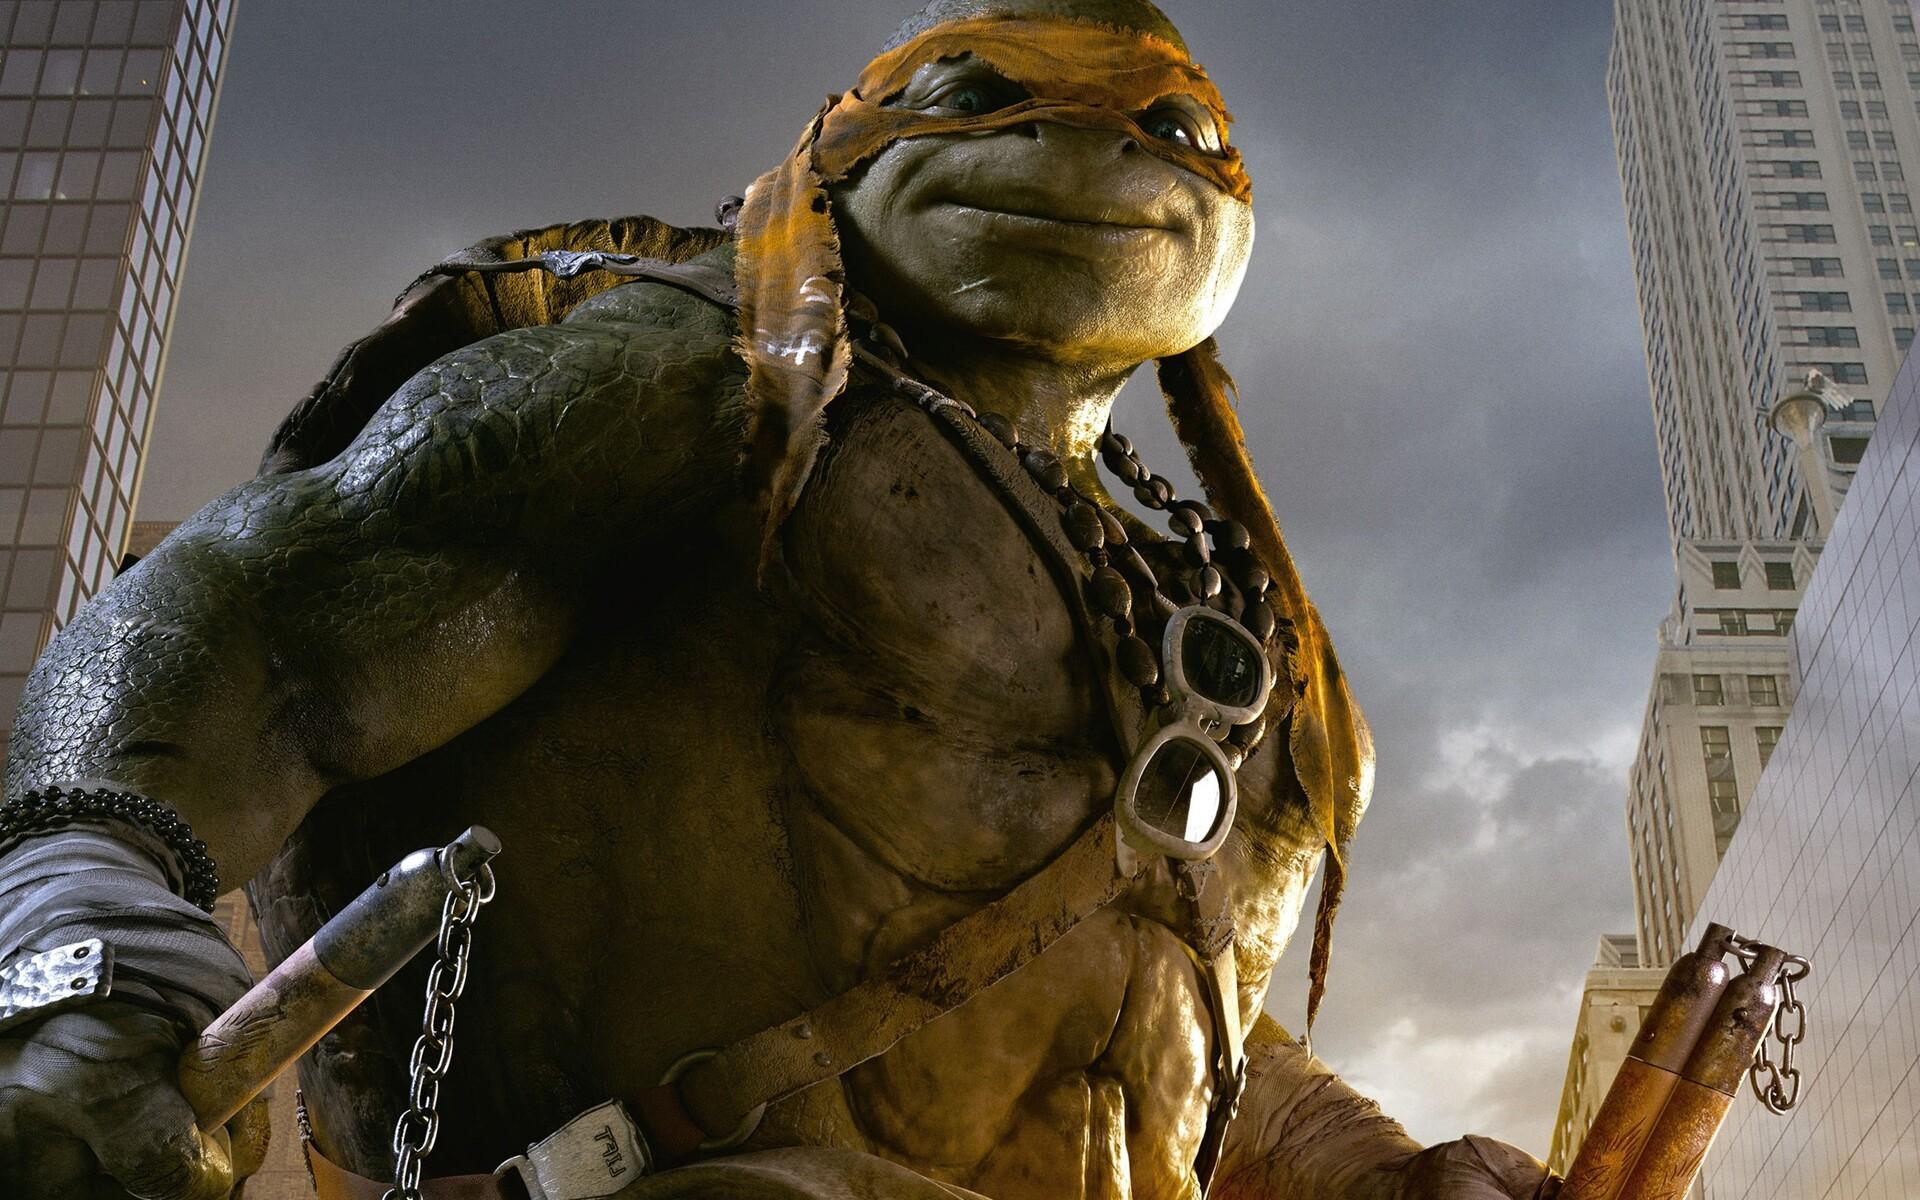 mikey-in-teengae-mutant-ninja-turtle.jpg